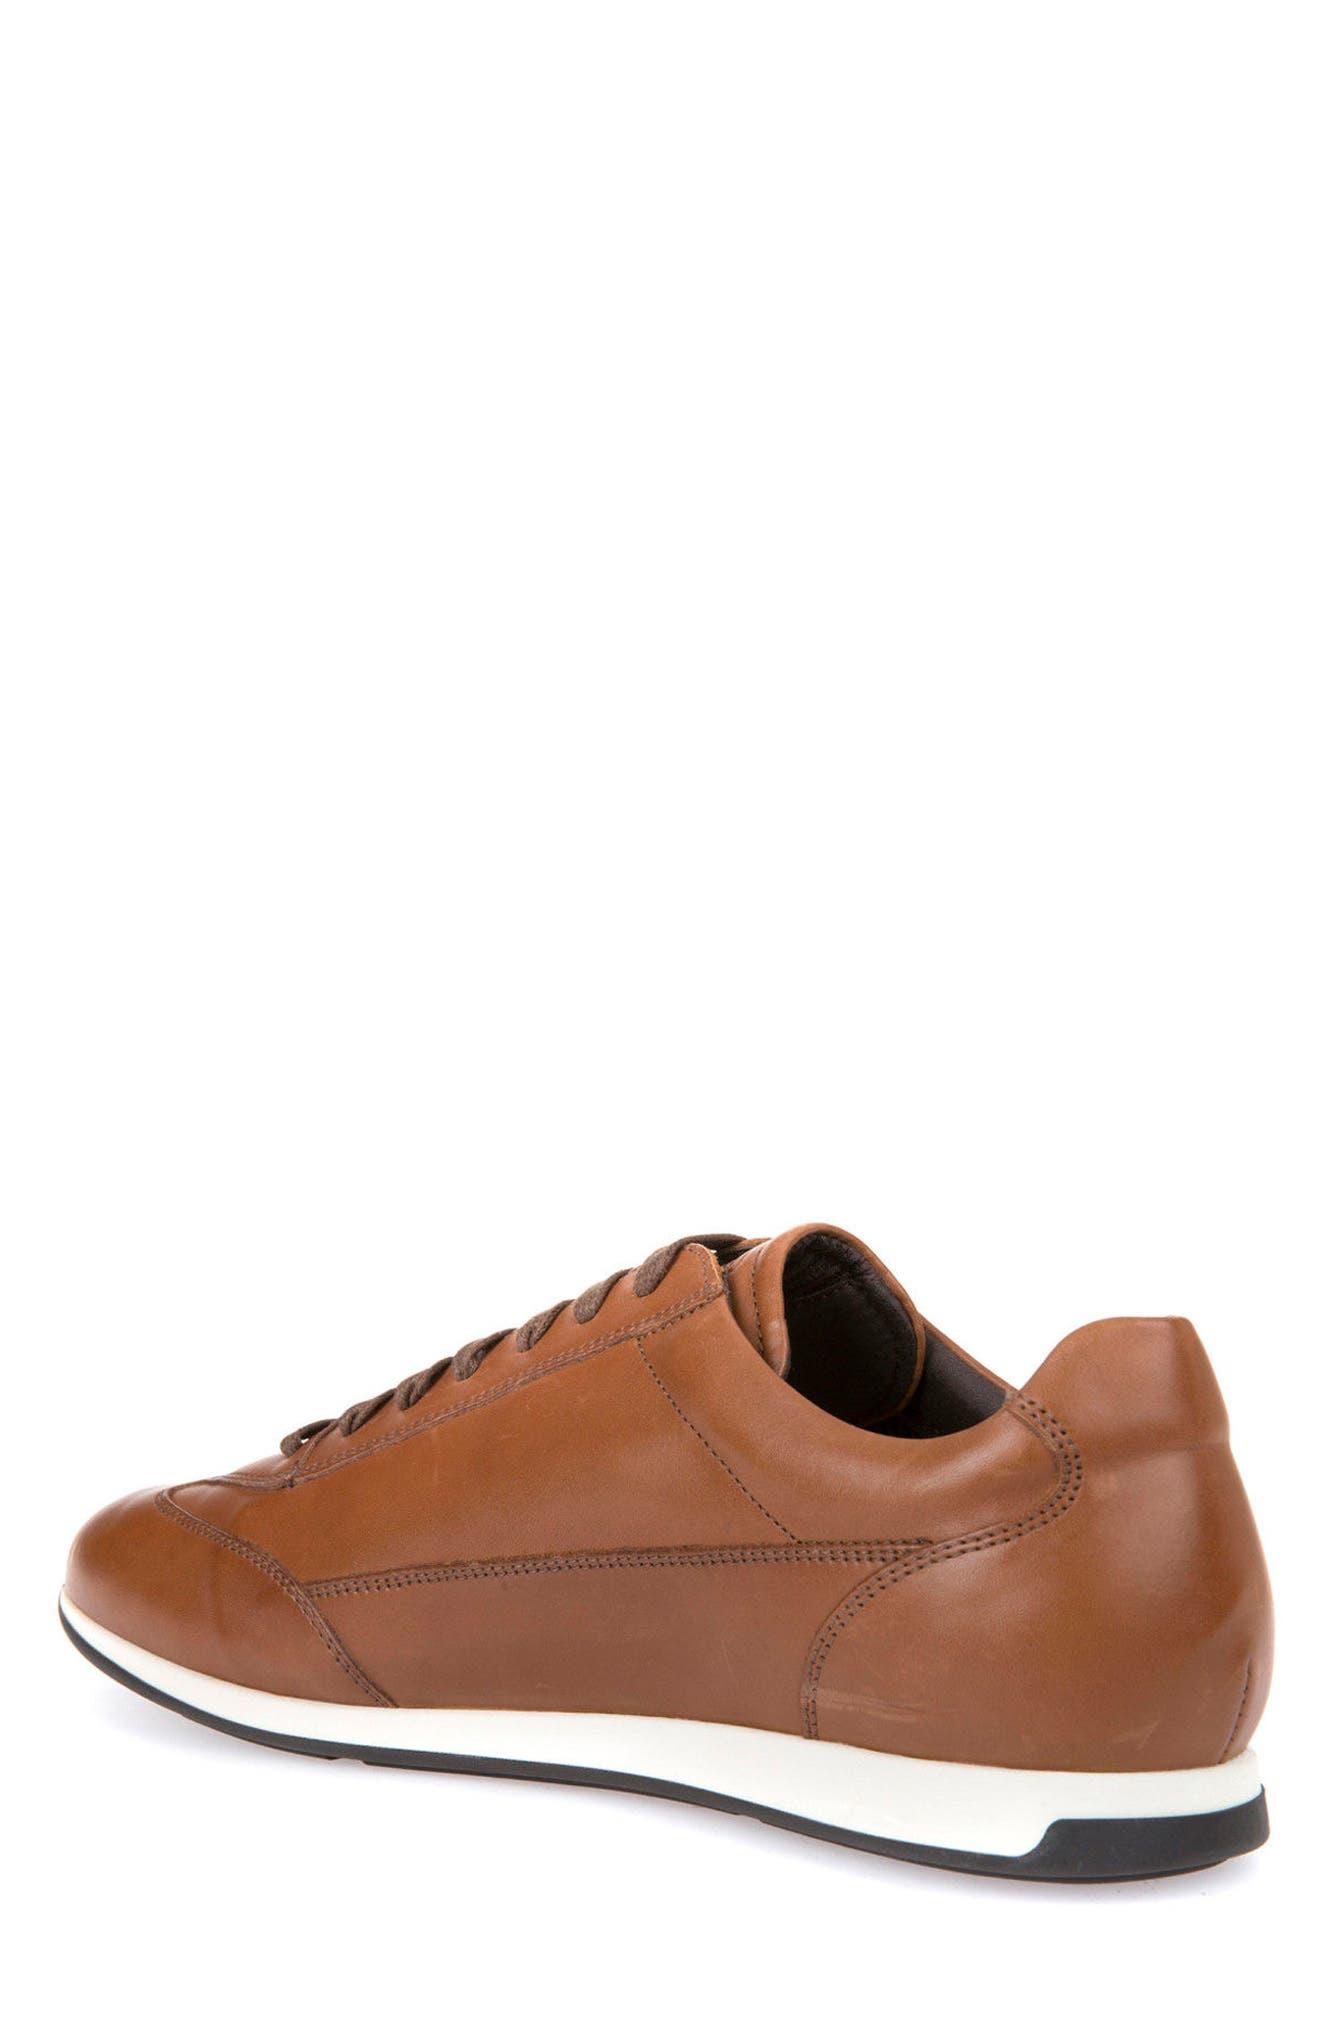 Clemet 1 Sneaker,                             Alternate thumbnail 4, color,